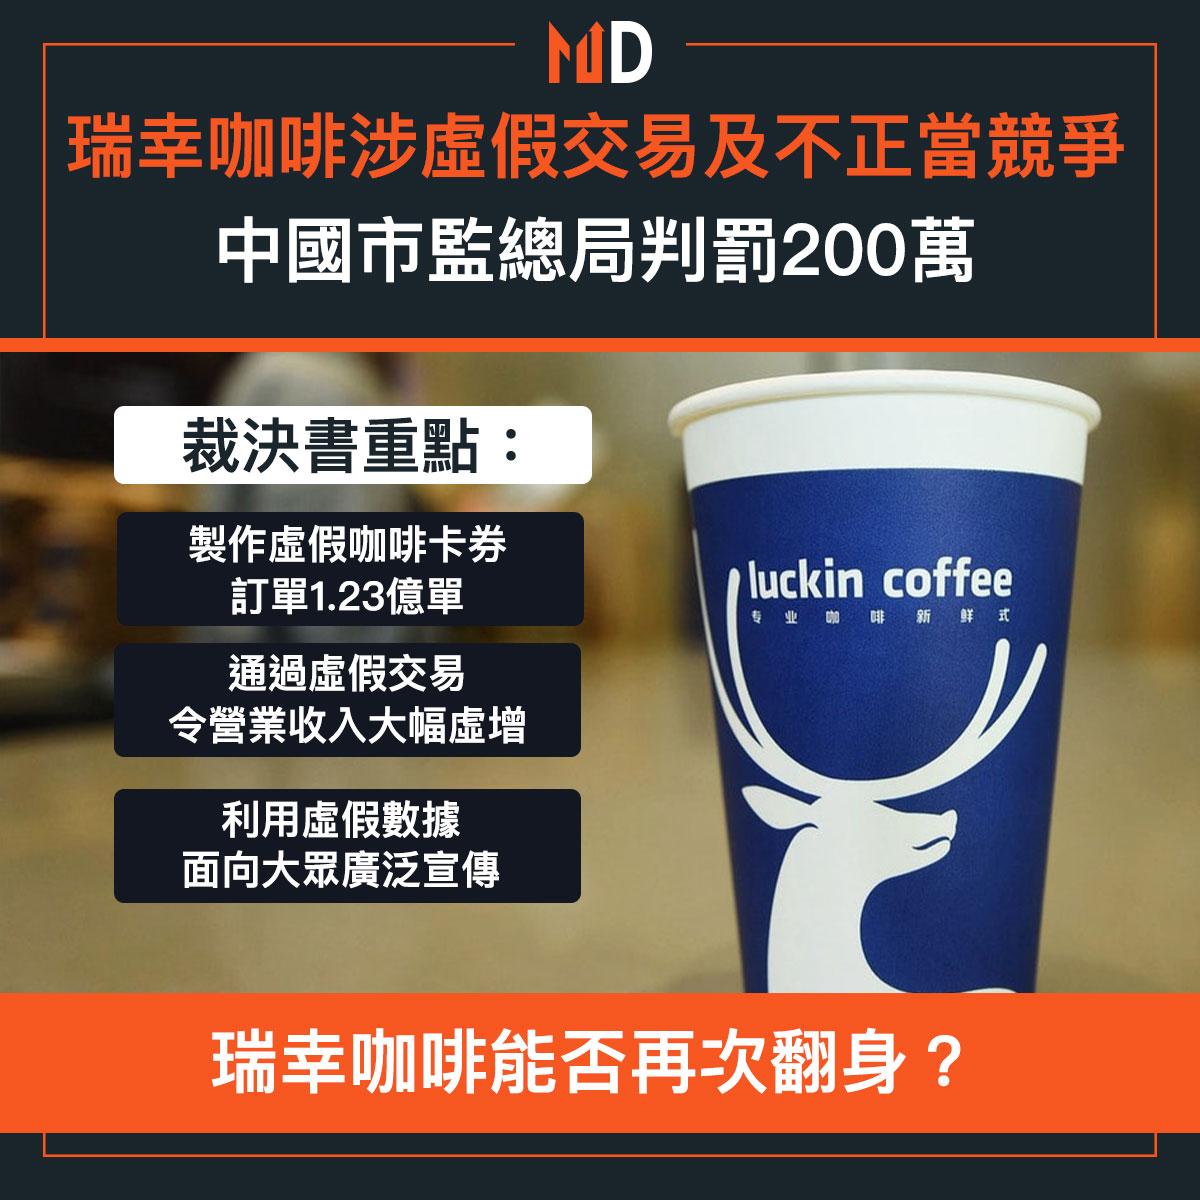 瑞幸咖啡做假風波持續!